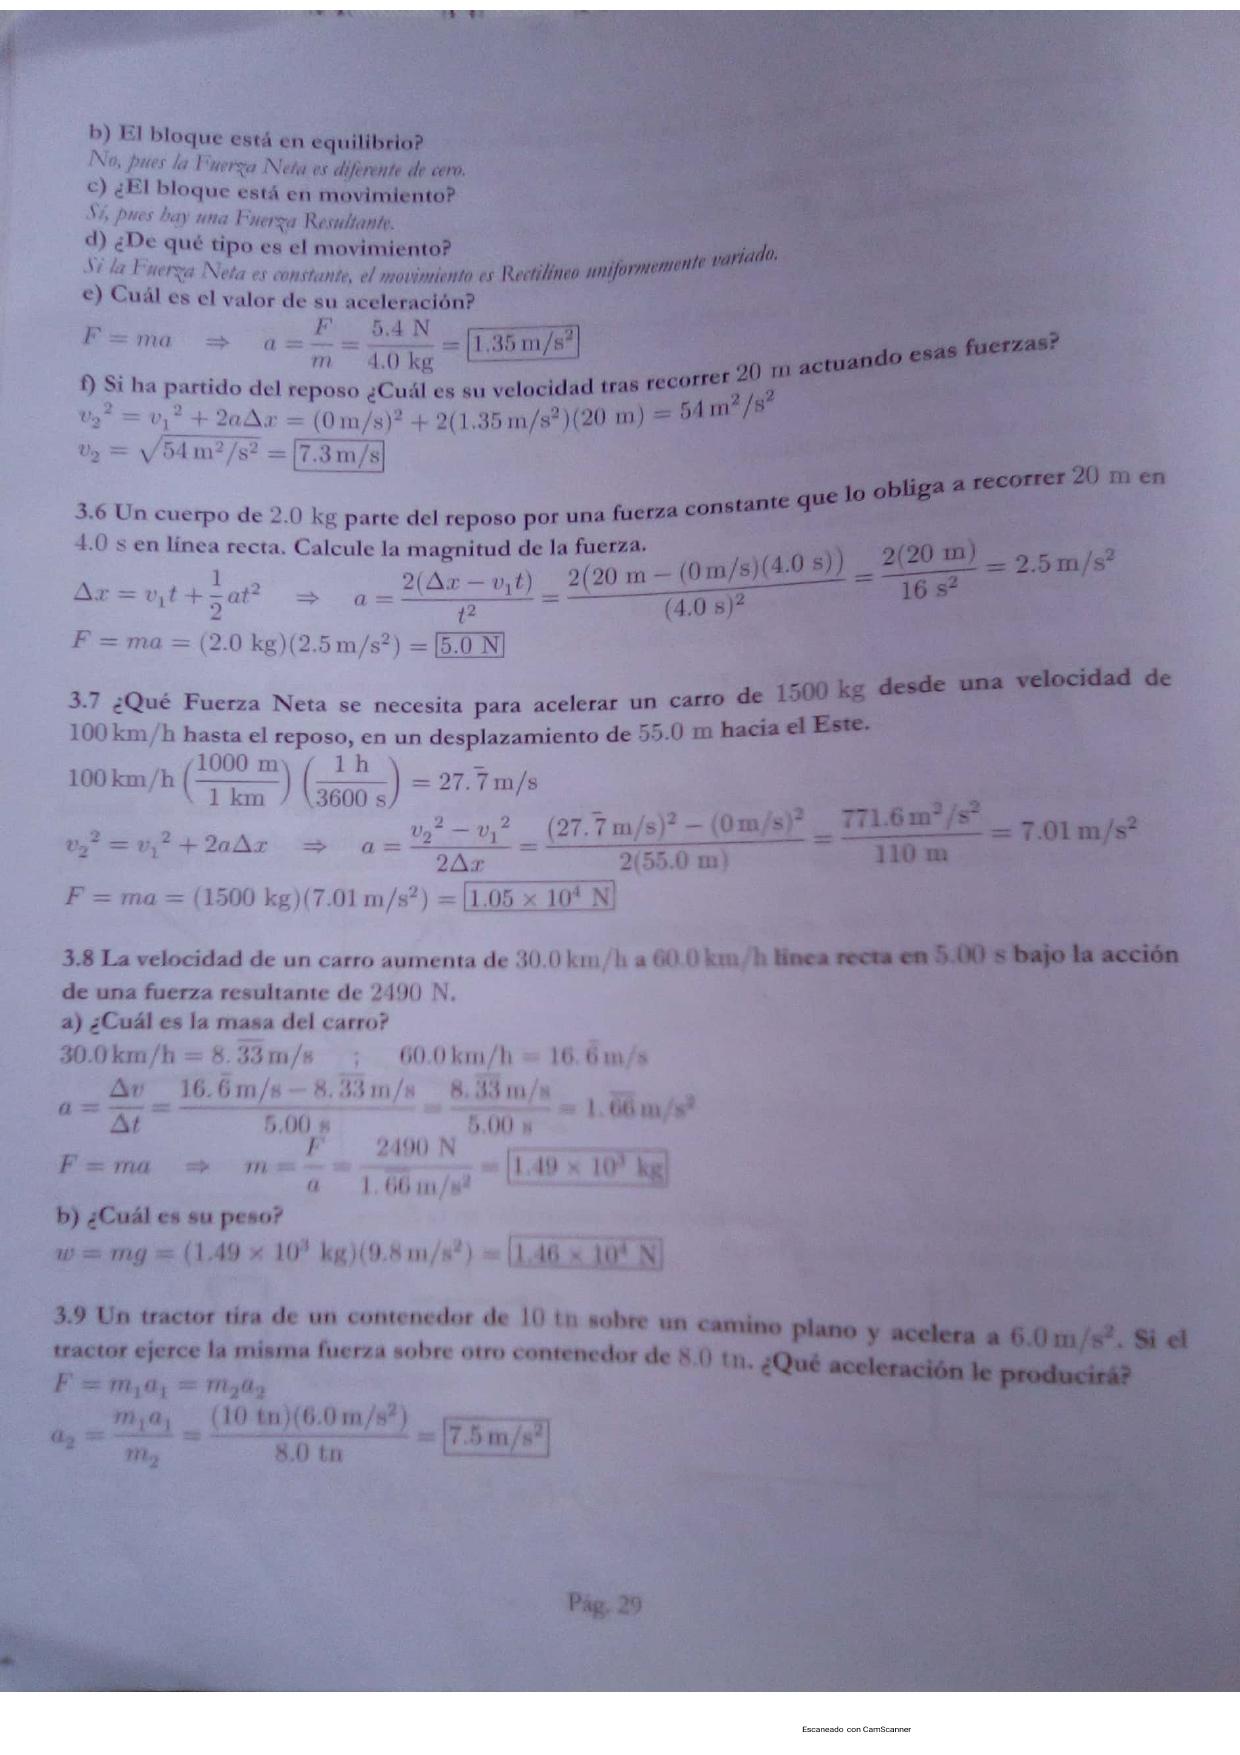 cuaderno-de-trabajo-f-sica-b-sica-page-0028